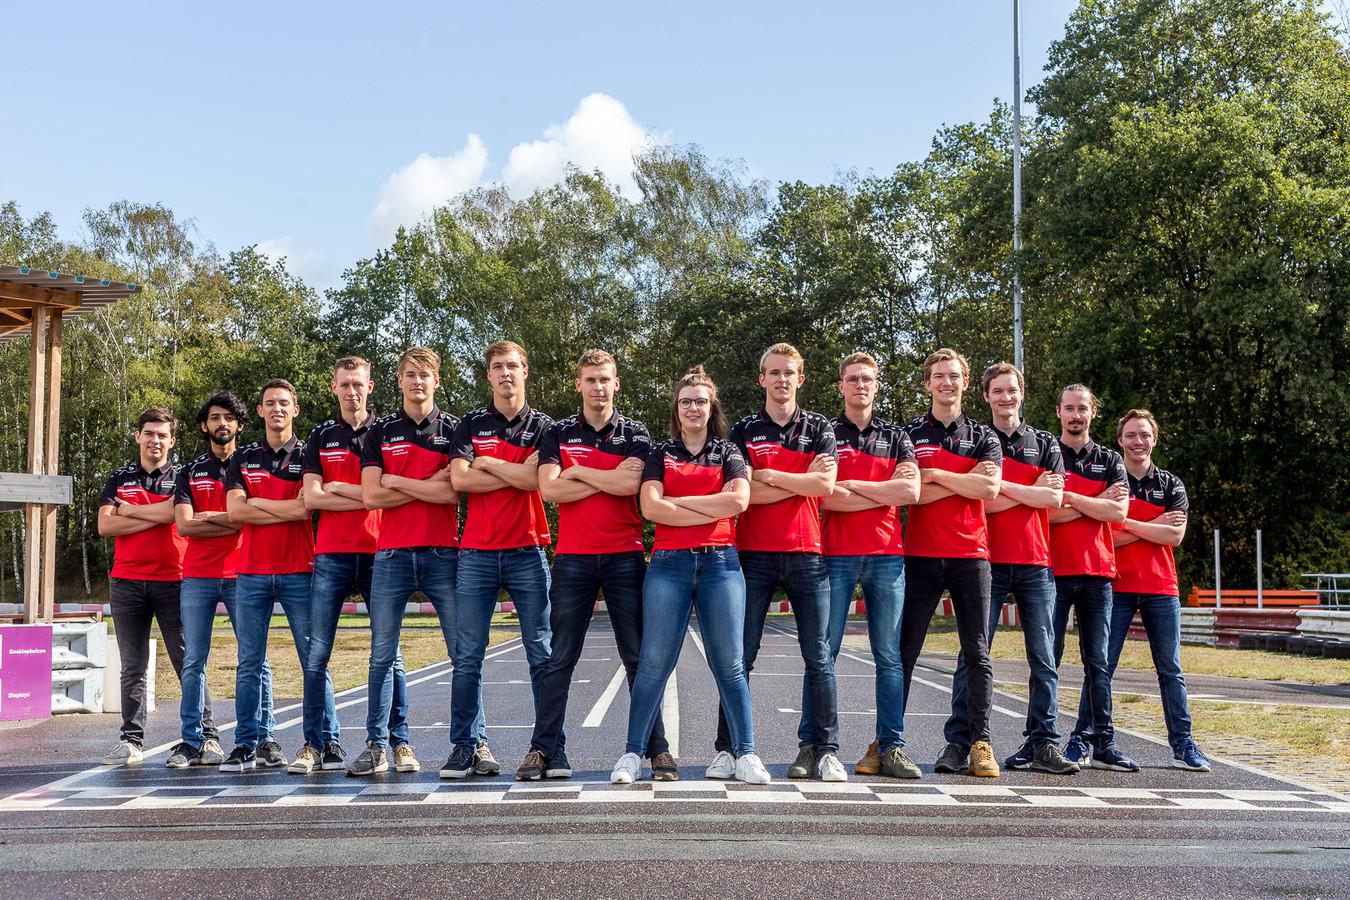 Het Electric Superbike Team van de UT bestaat uit 14 mannen en één vrouw.